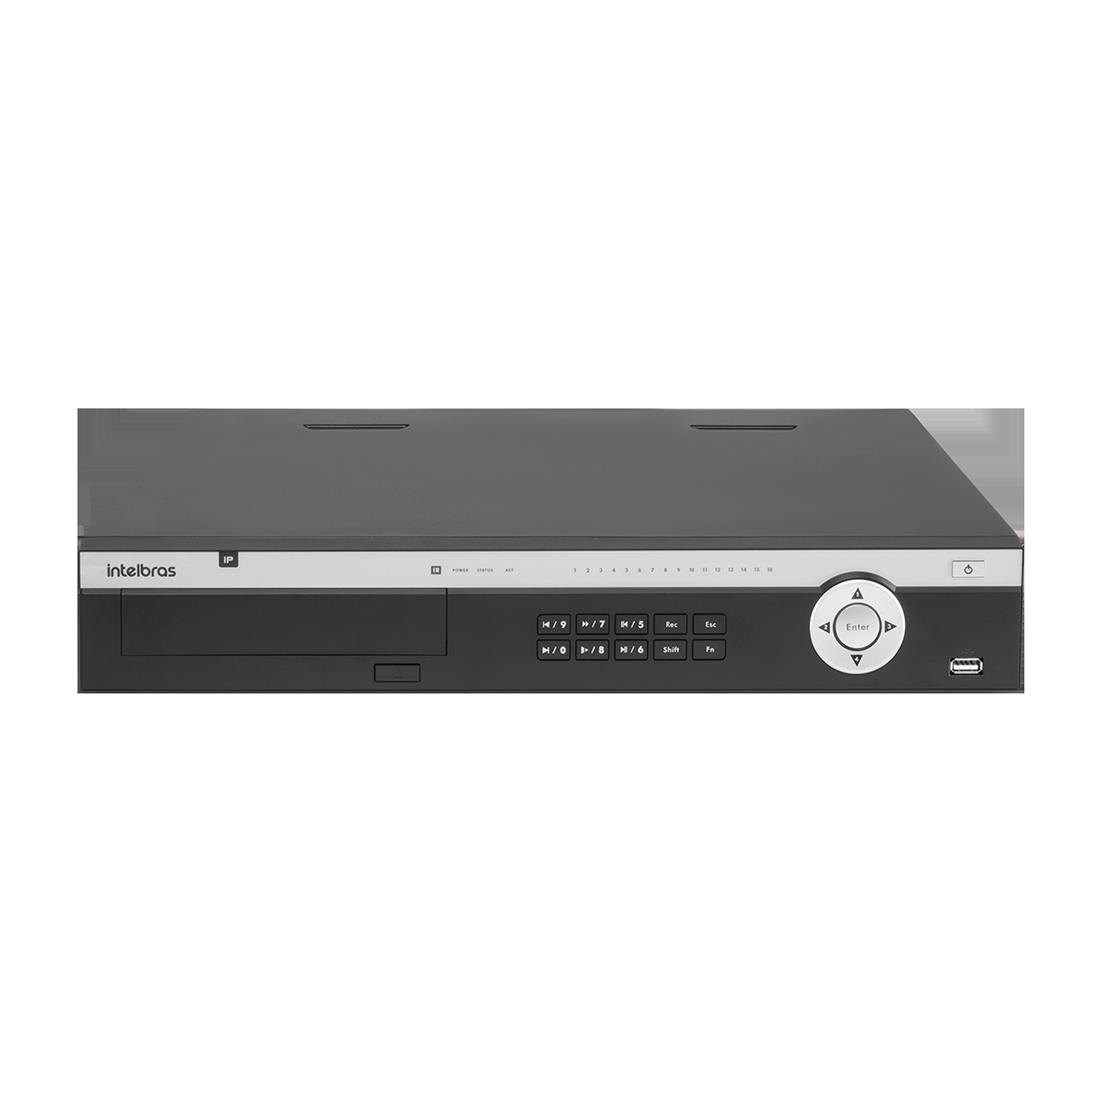 NVD 5124 C/ HD 8TB - GRAV. DIG. DE VÍDEO EM REDE PARA ATÉ 24 CANAIS IP EM FULL HD @ 30 FPS, SUPORTA CÂMERA FISHEYE, INTELIGÊNCIA DE VÍDEO EM TODOS OS CANAIS, H.265, SUPORTE PARA 4HDS E SUPORTA CÂMERAS  - Sandercomp Virtual